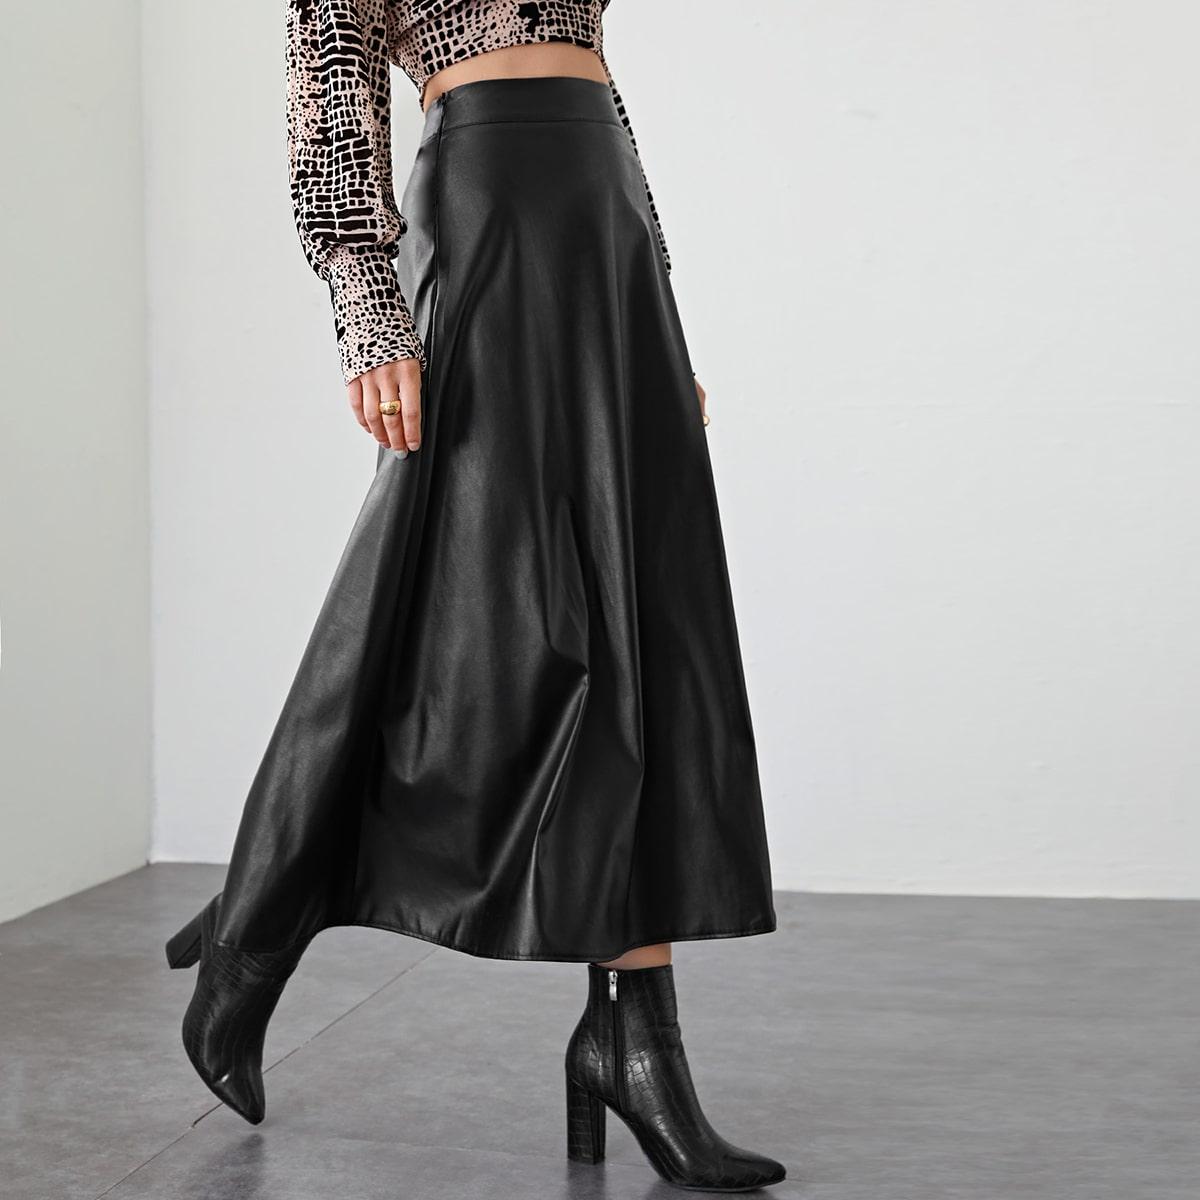 Макси юбка из искусственной кожи с молнией